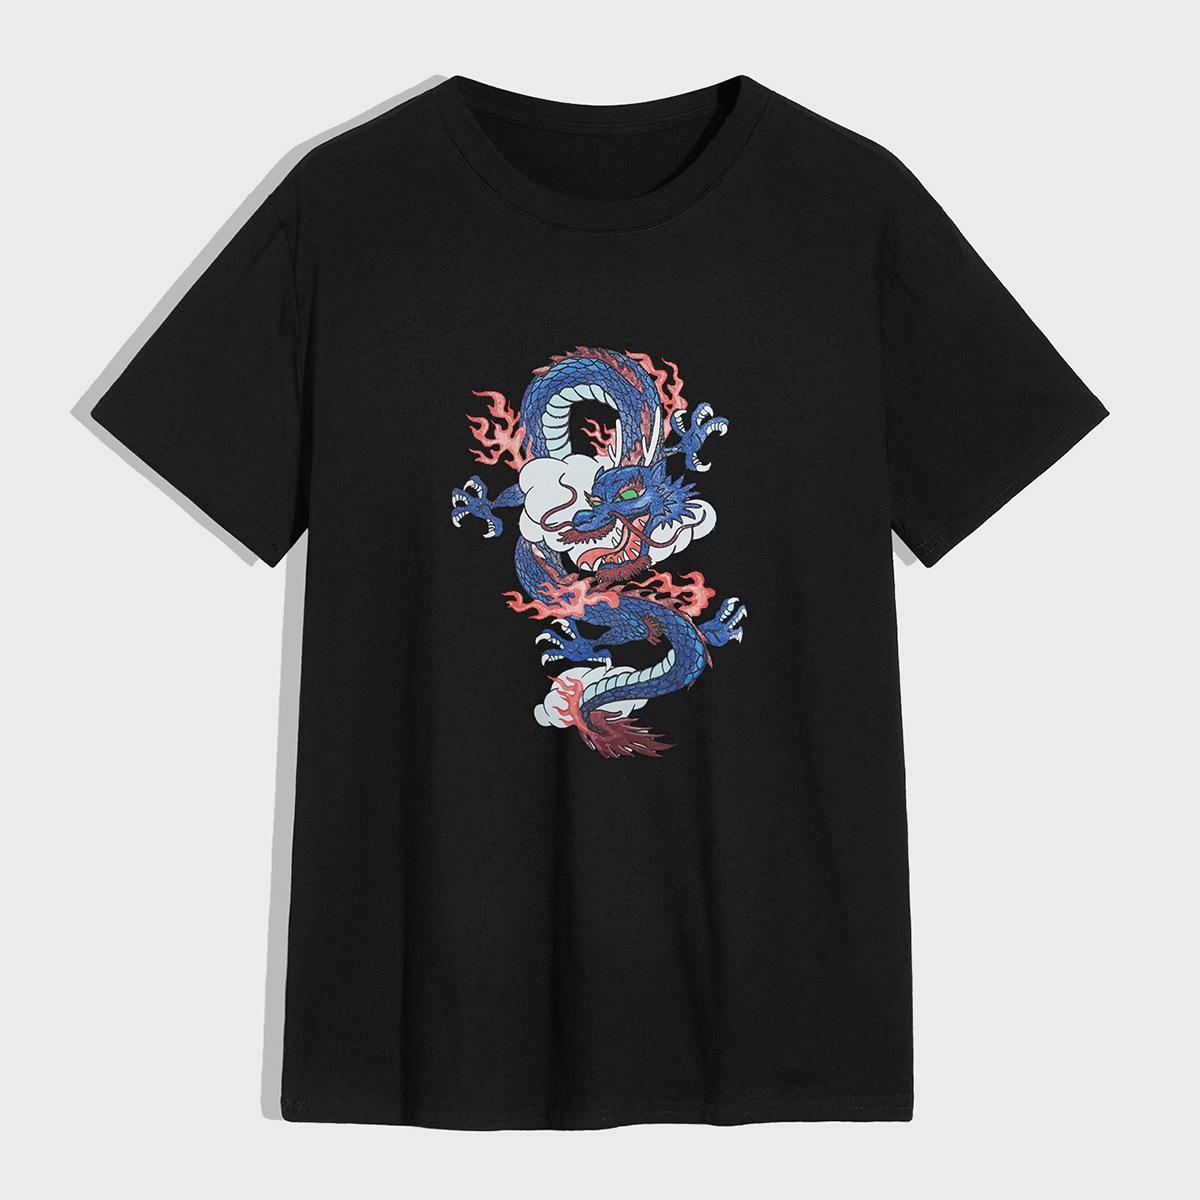 Молодежная мода вокруг шеи футболка на открытом воздухе спортивный дракон печать лето с короткими рукавами повседневные скрещенные мужские азиатские размеры